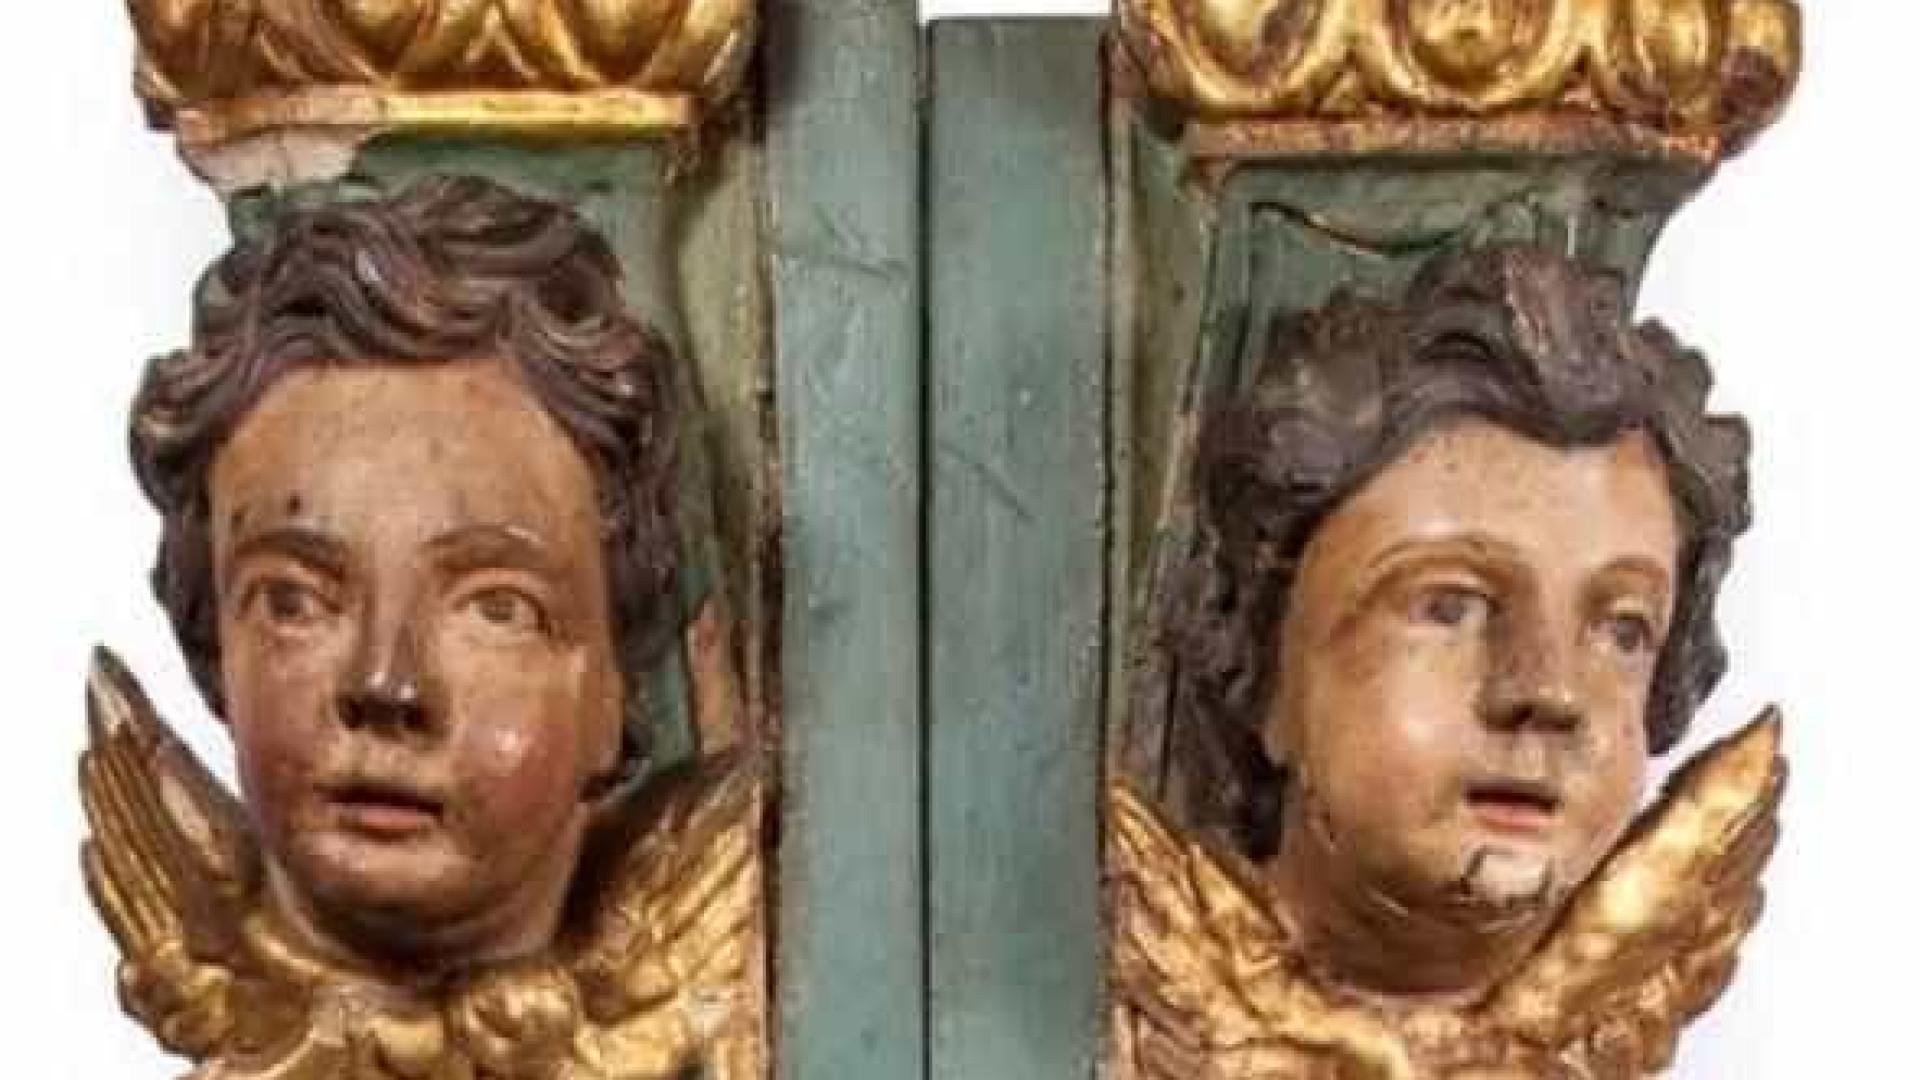 Adornos de igreja no Rio desaparecidos há 40 anos são recuperados